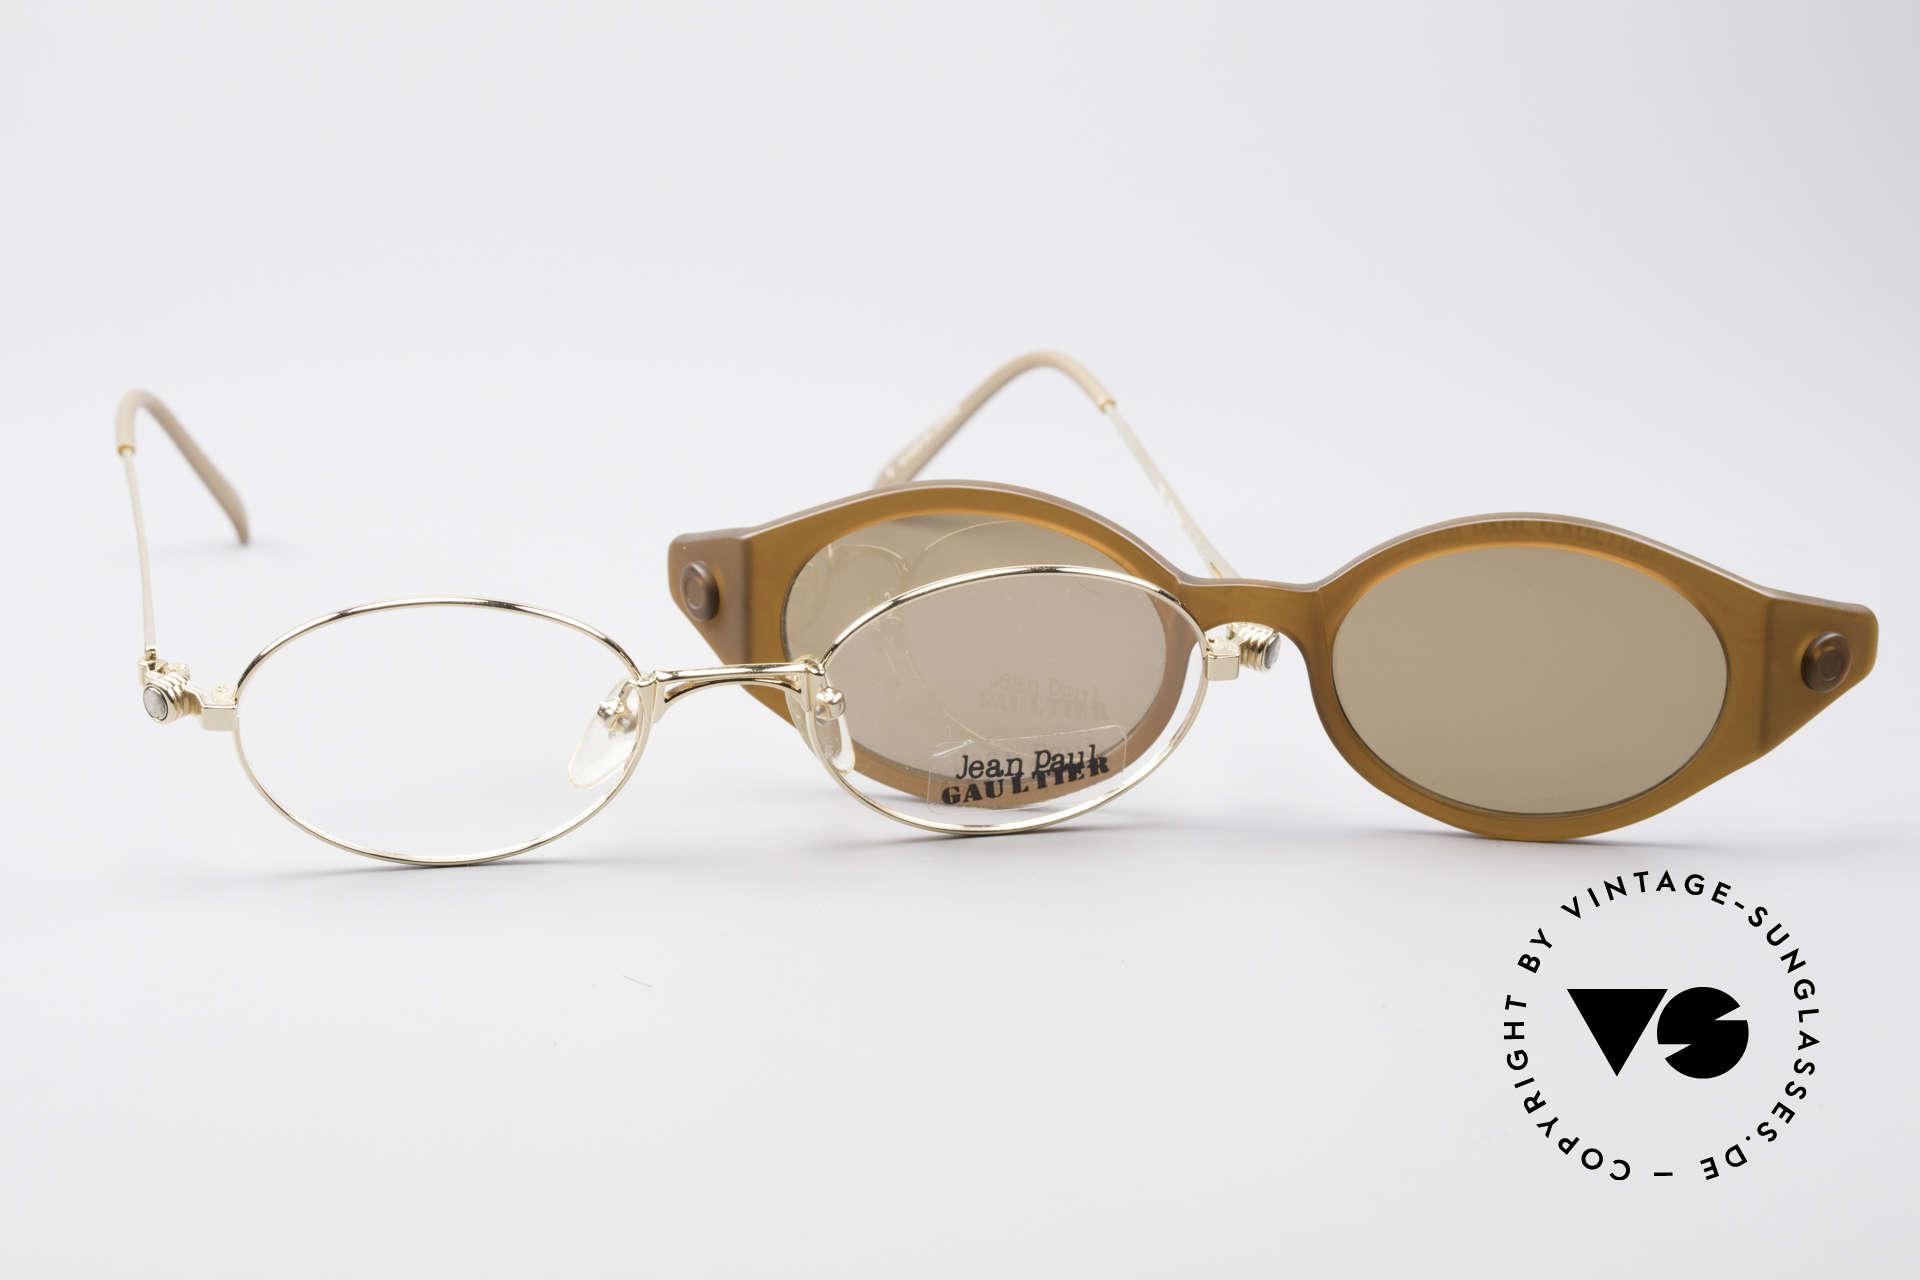 Jean Paul Gaultier 56-7202 Ovale Brille mit Sonnenclip, KEINE Retrobrille, sondern ein kostbares altes Original, Passend für Herren und Damen